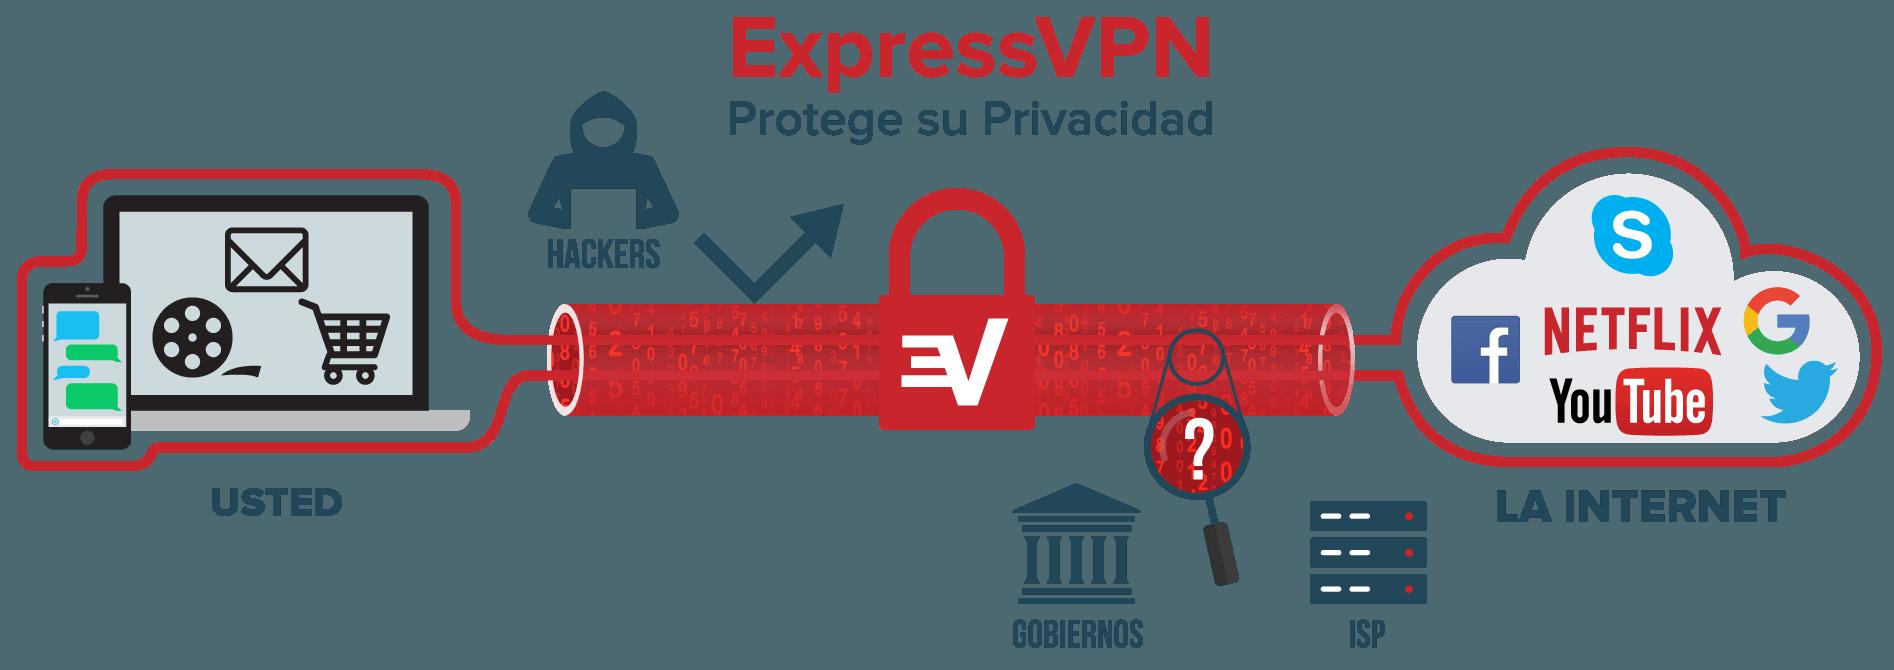 que es Express VPN